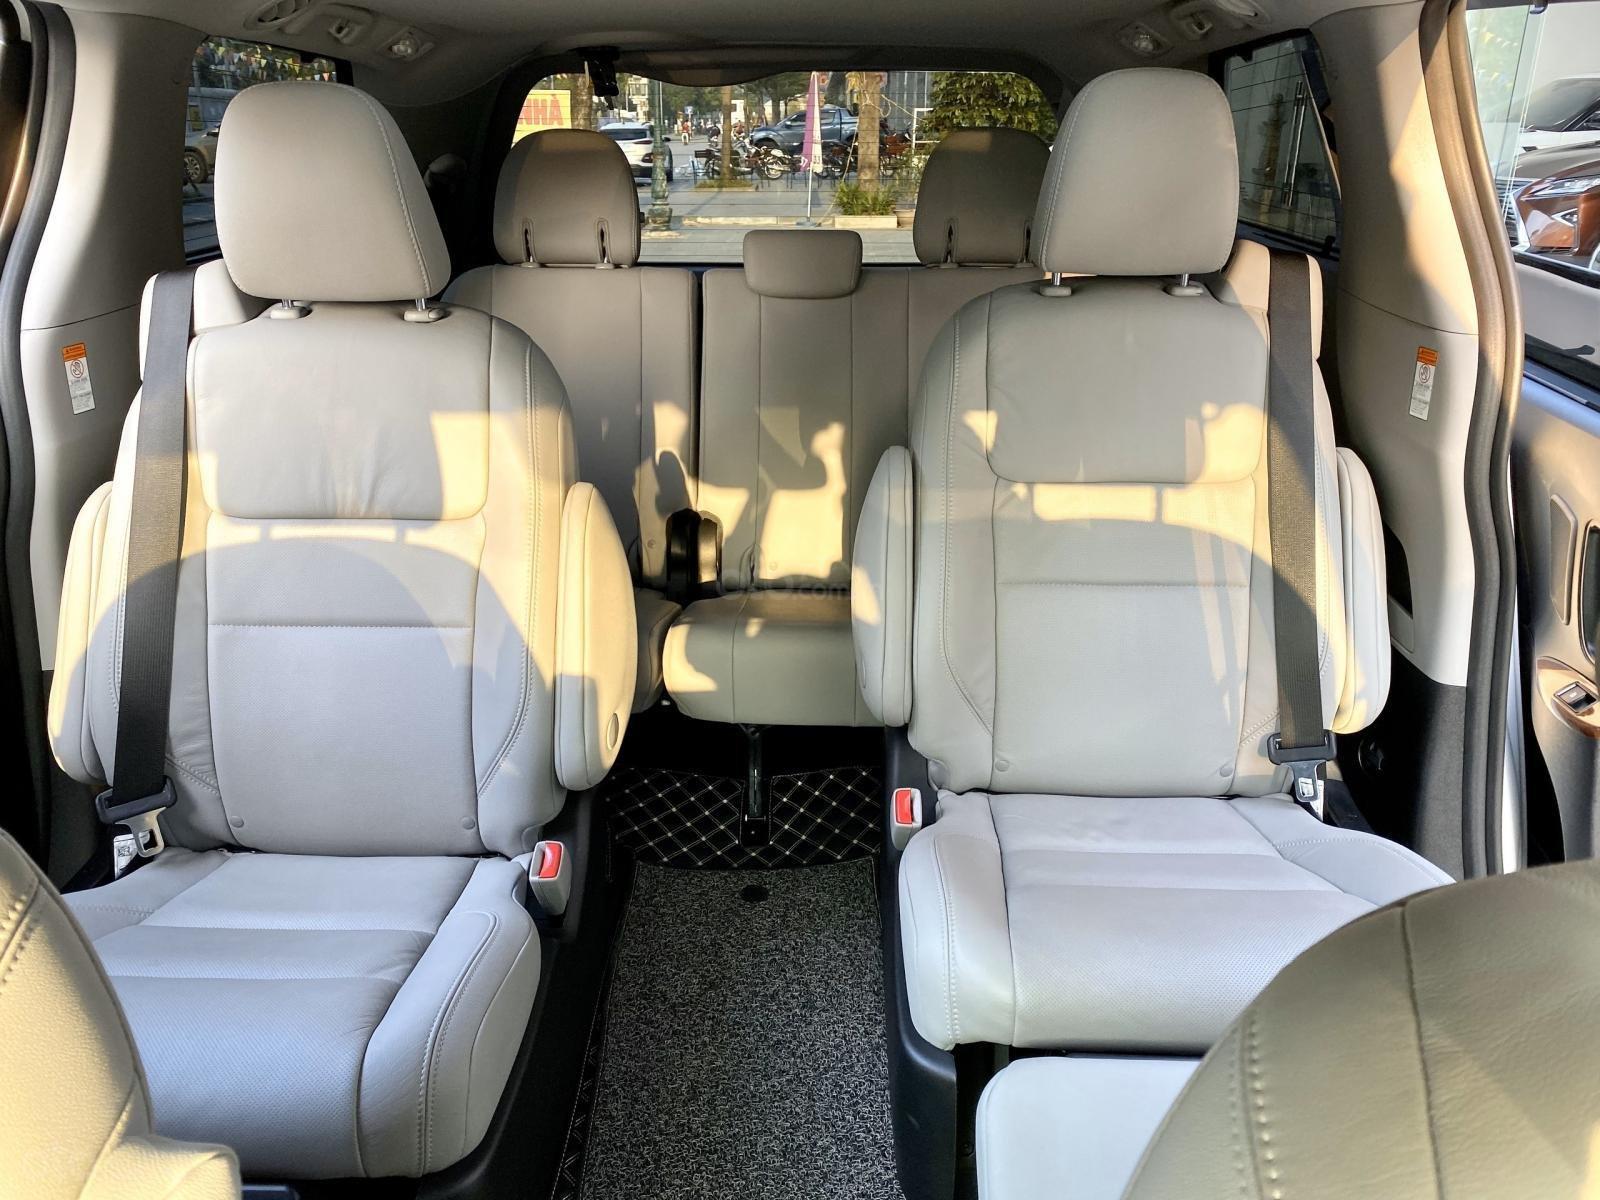 Bán xe Toyota Sienna Limidted sx 2018, màu trắng, siêu lướt 12.000km (15)